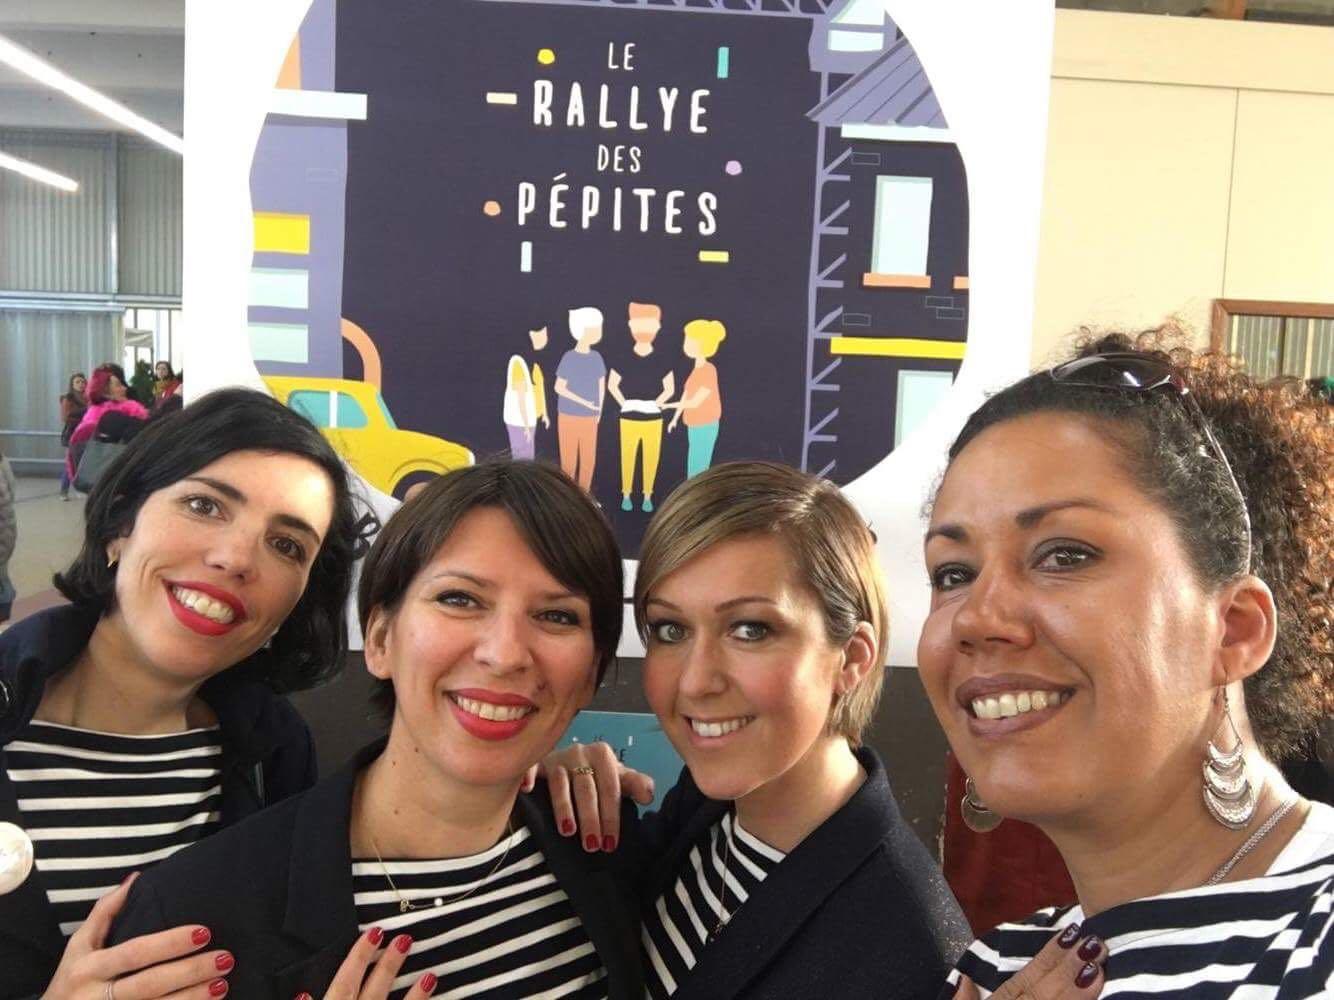 Rallye des Pépites 2017